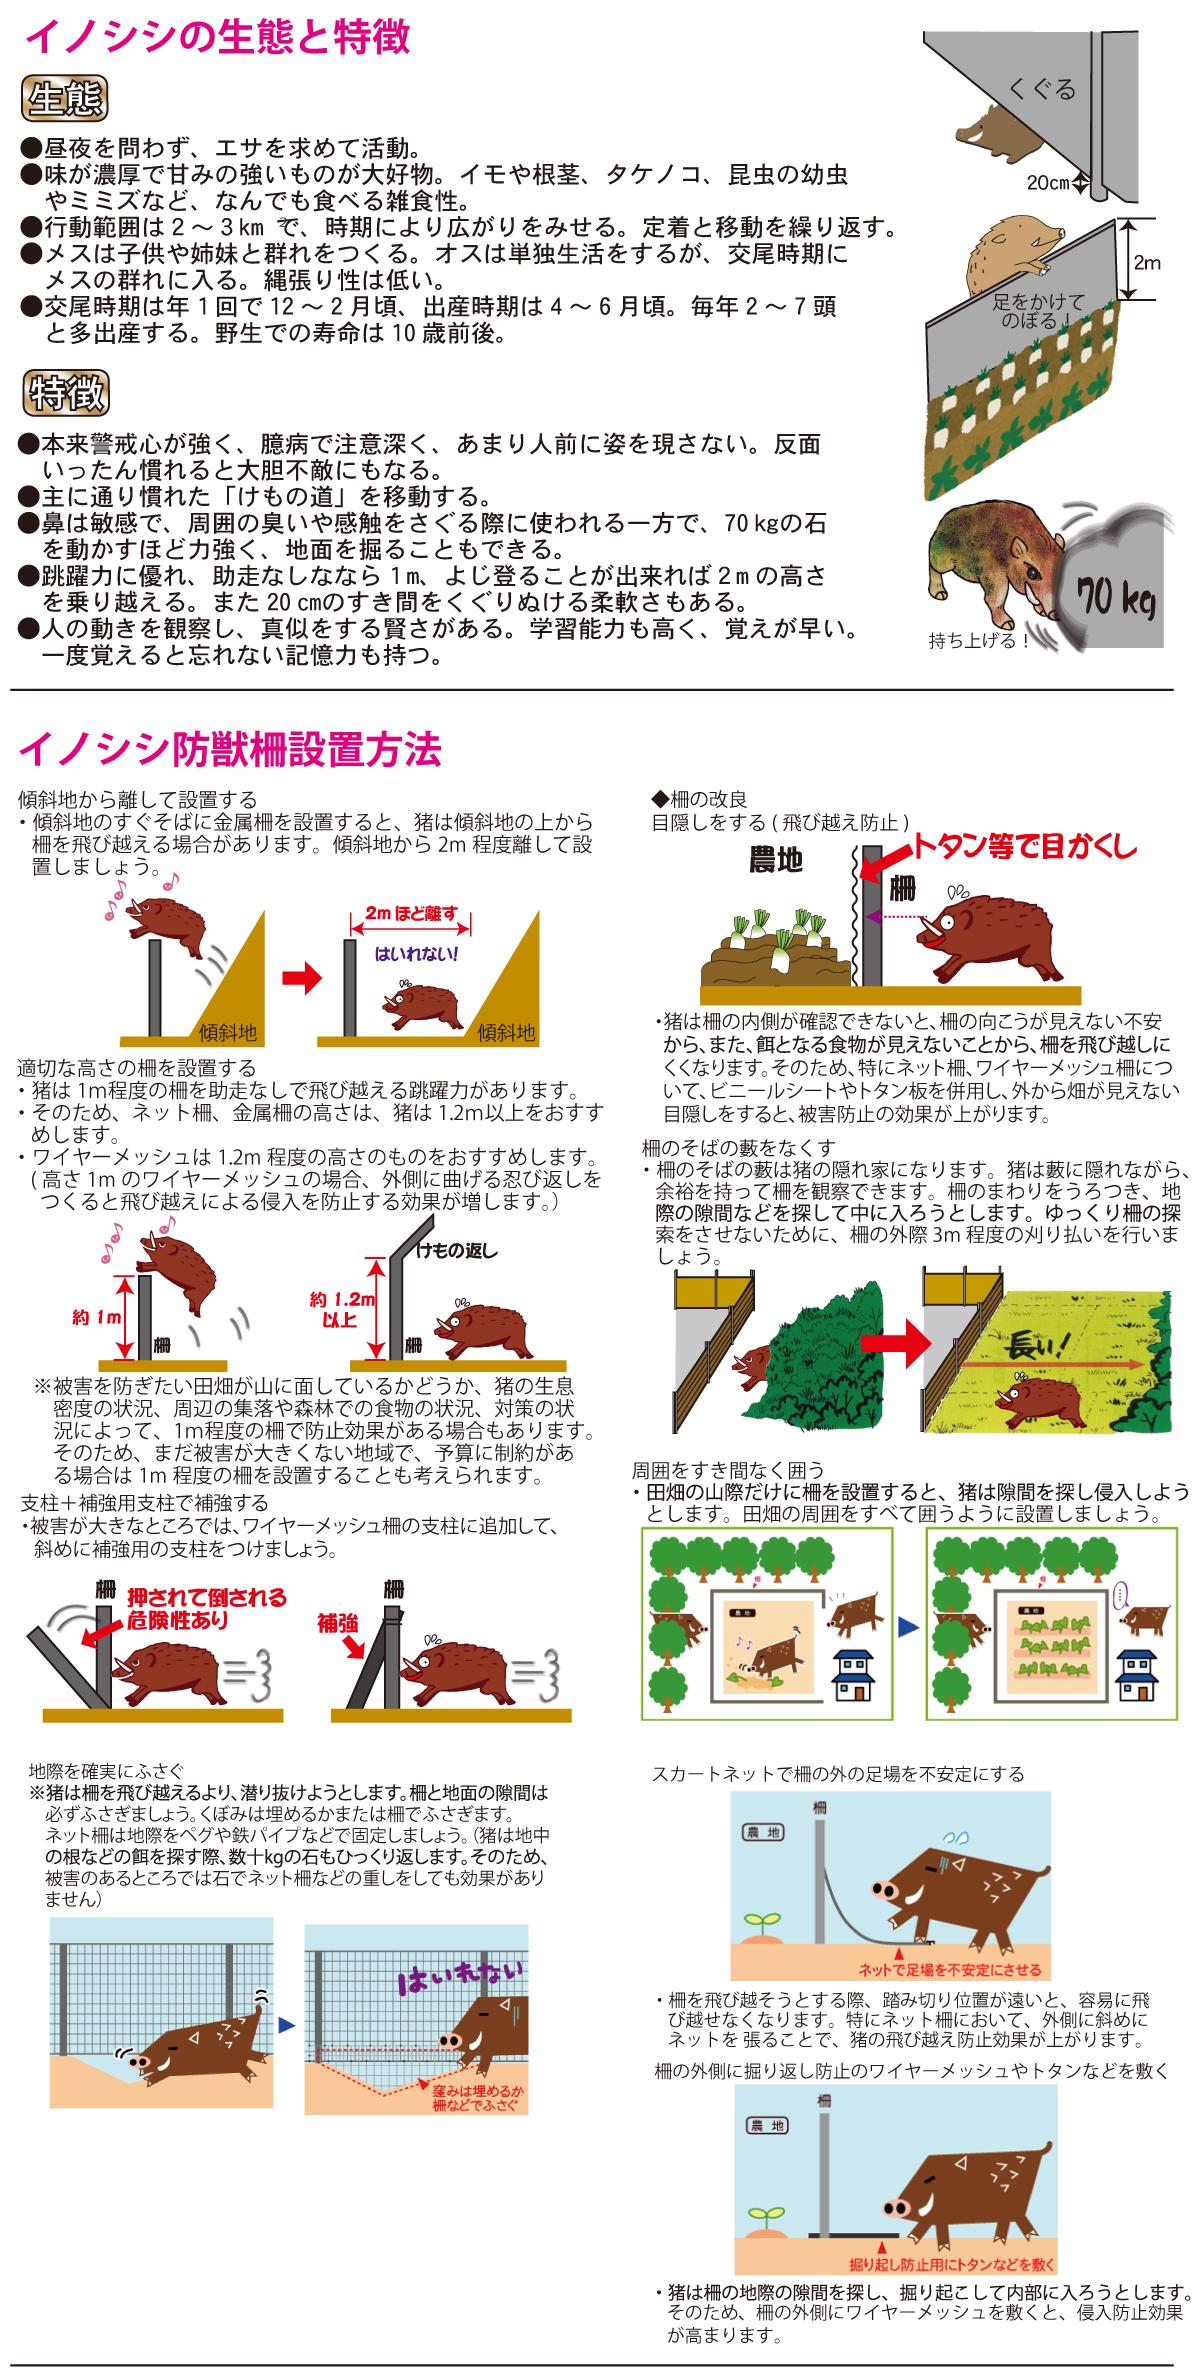 防獣対策資料03